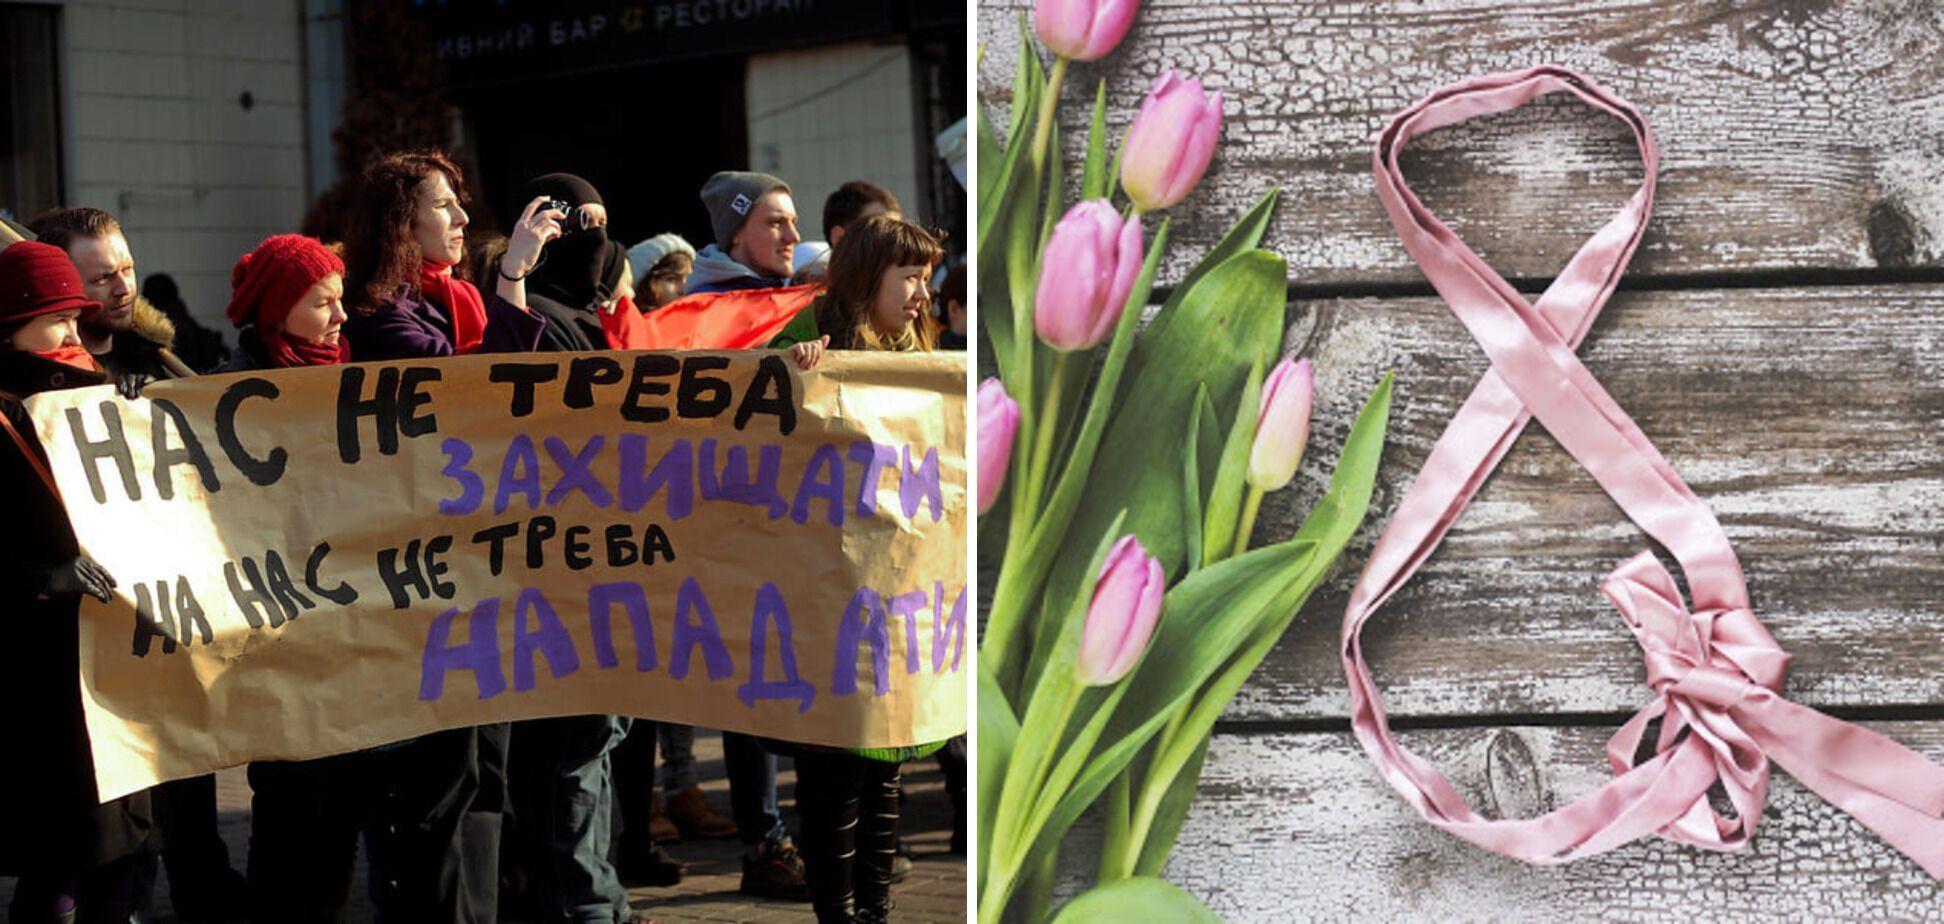 Лживый и лицемерный праздник. За что я ненавижу 8 марта